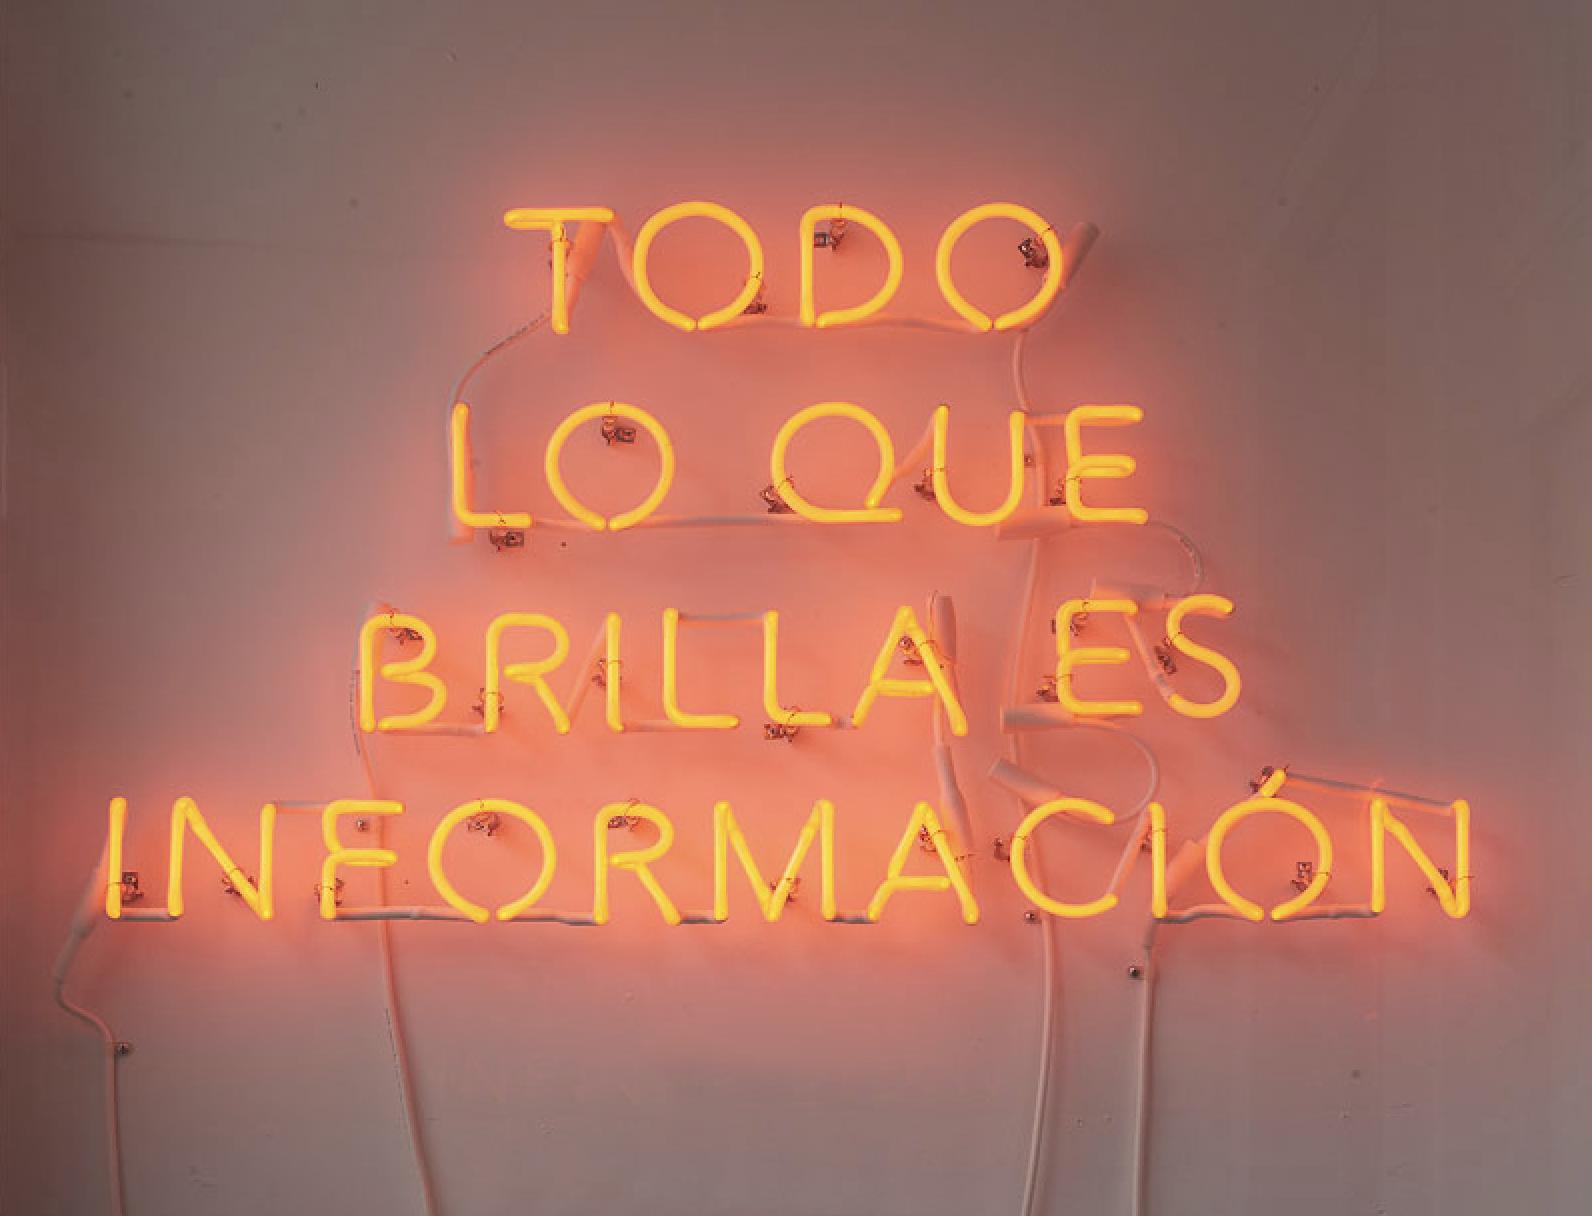 """""""Todo lo que brilla es información."""" 2016, by Adriana Martínez, at the gallery pop-up Ruberta."""